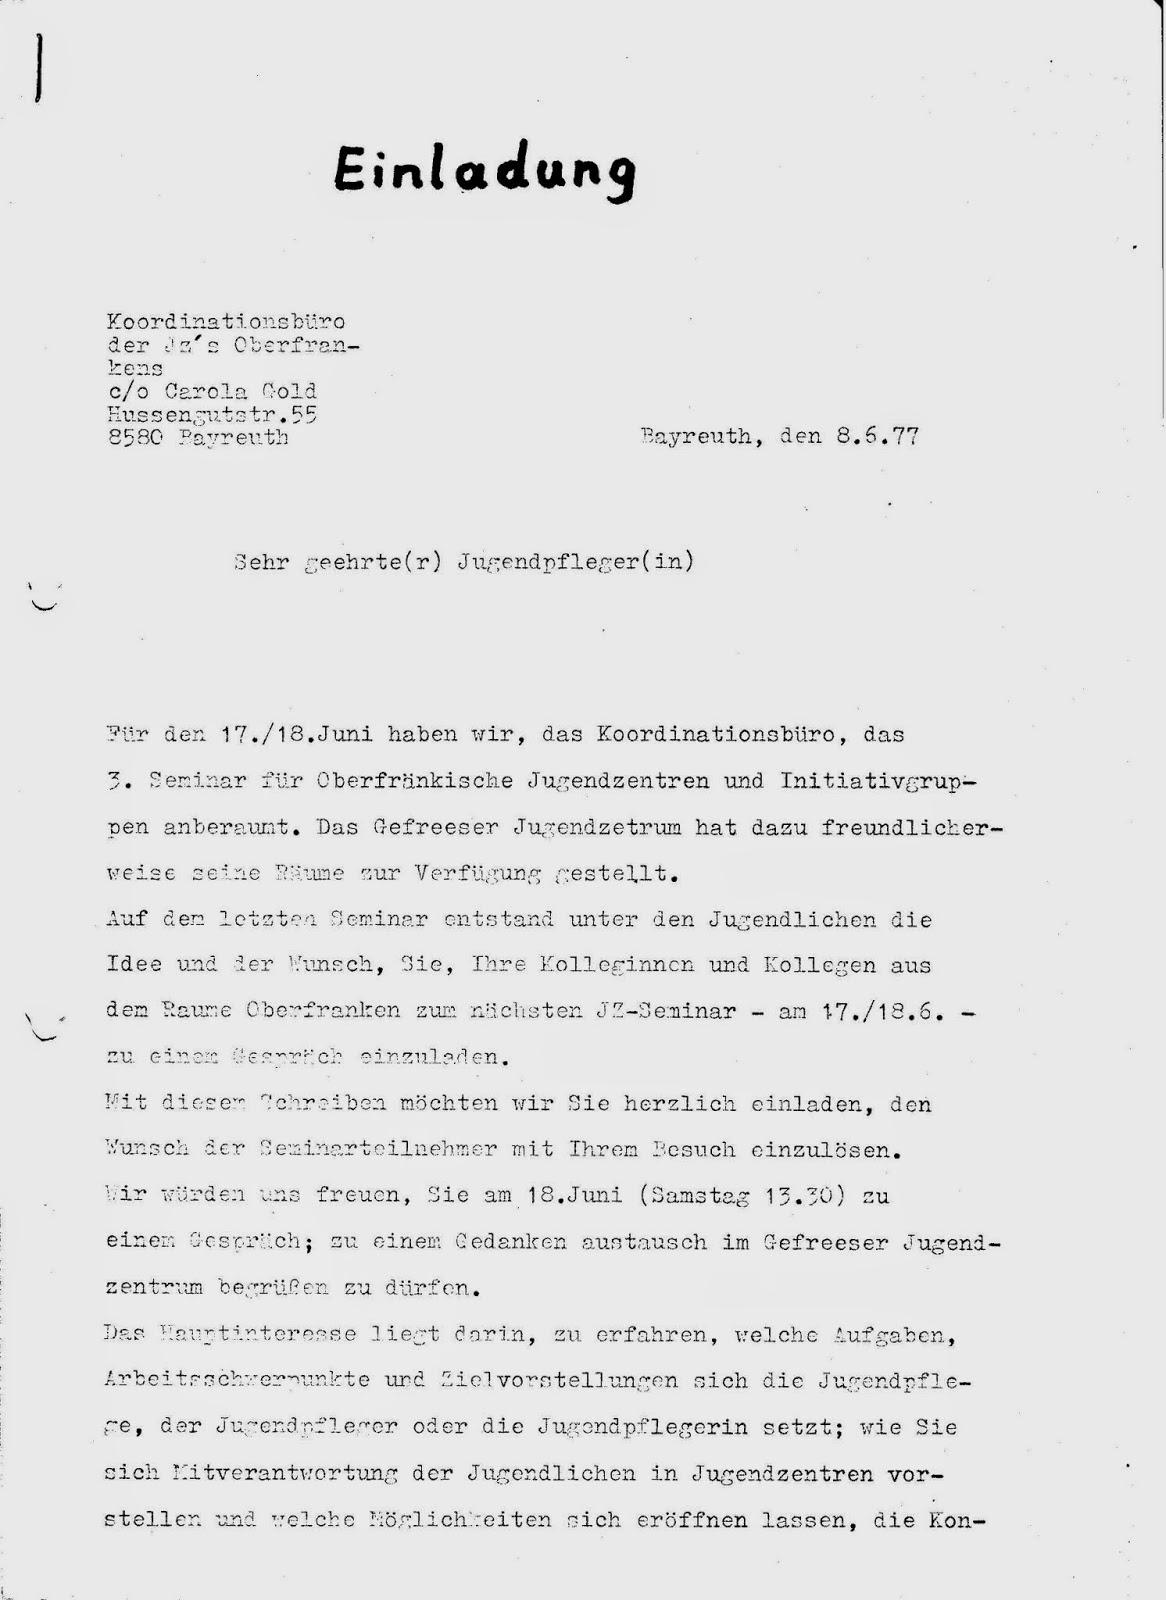 offenes jugendzentrum bayreuth 1974-82 (revival party zum 40, Einladung